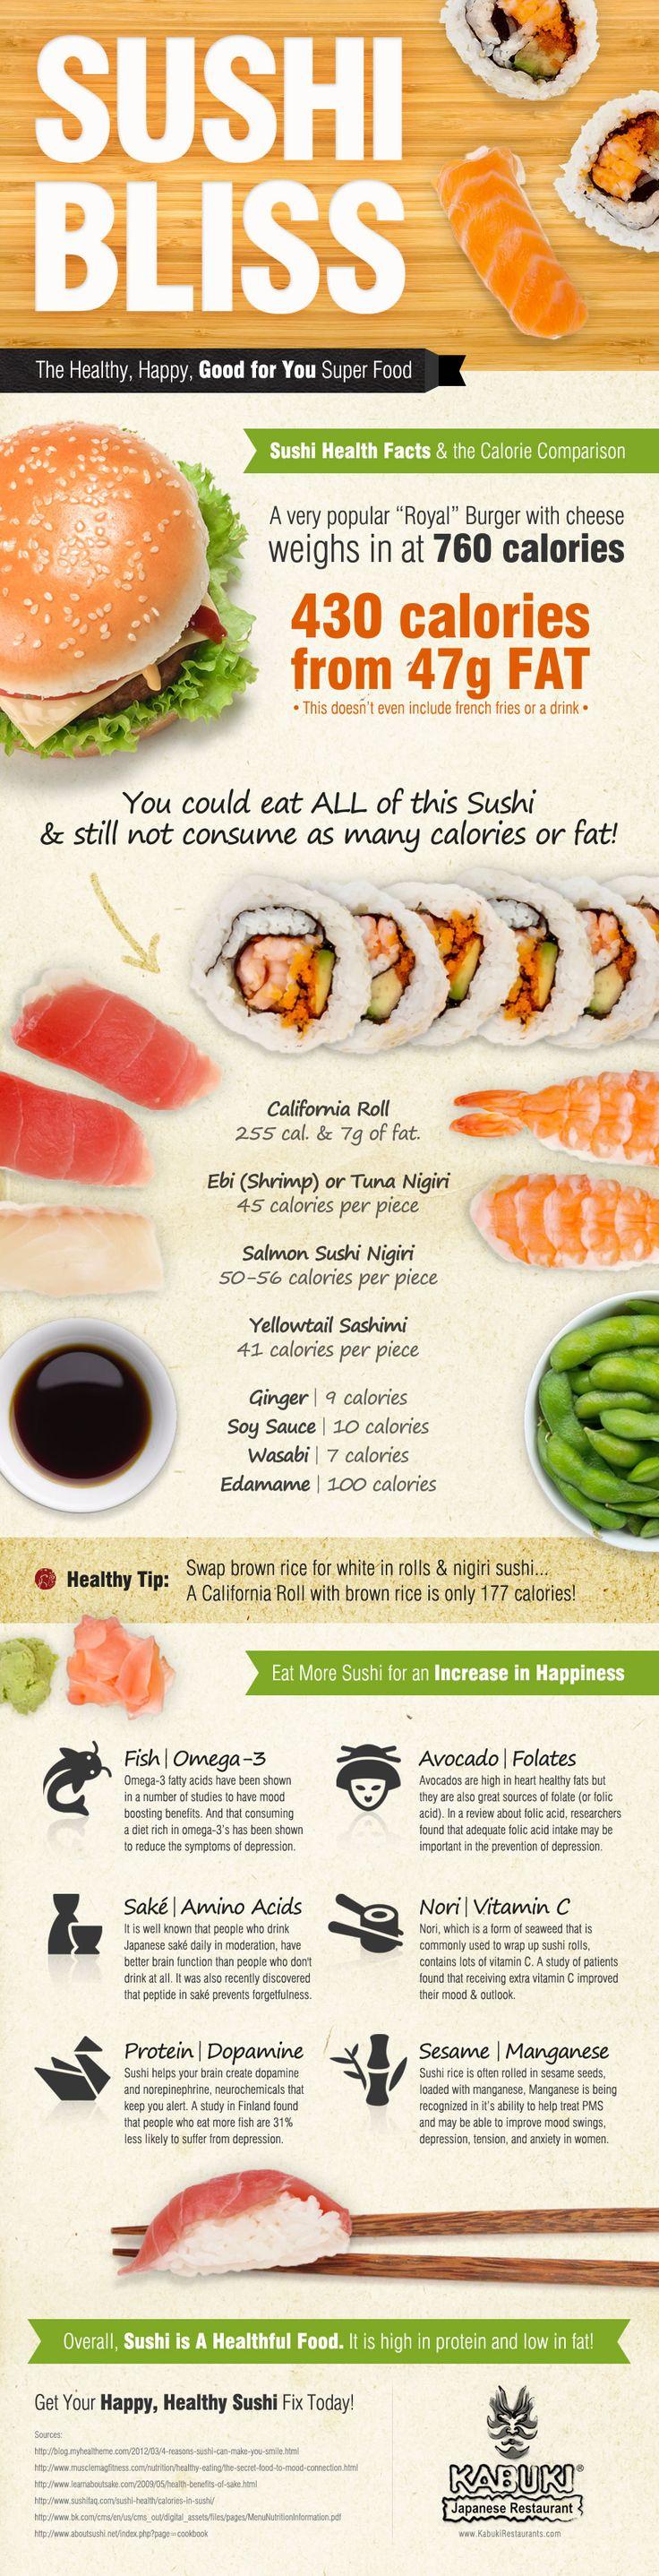 Sushi Bliss